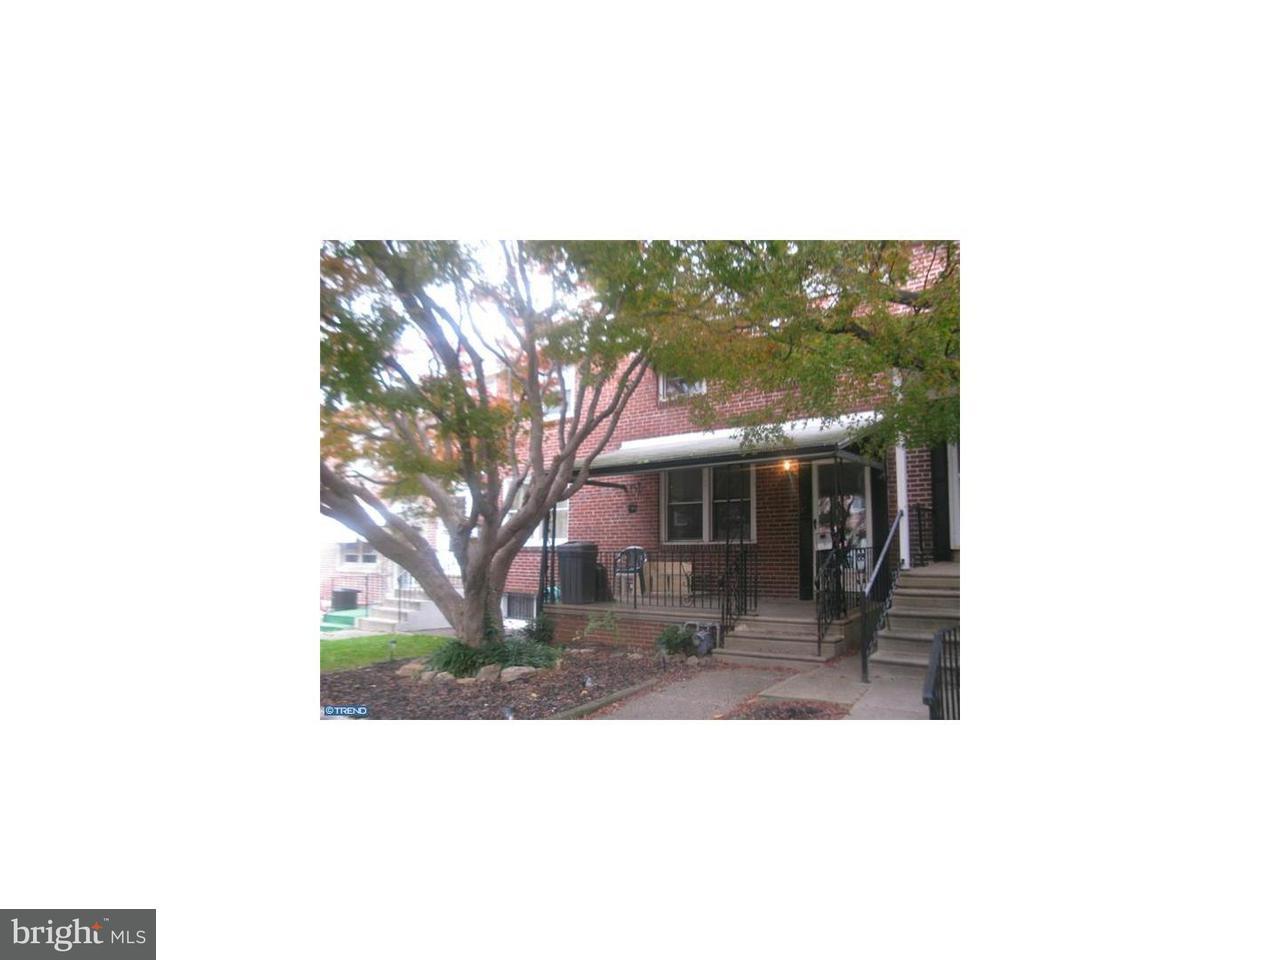 Casa unifamiliar adosada (Townhouse) por un Venta en 105 MILDRED Avenue Darby, Pennsylvania 19023 Estados Unidos